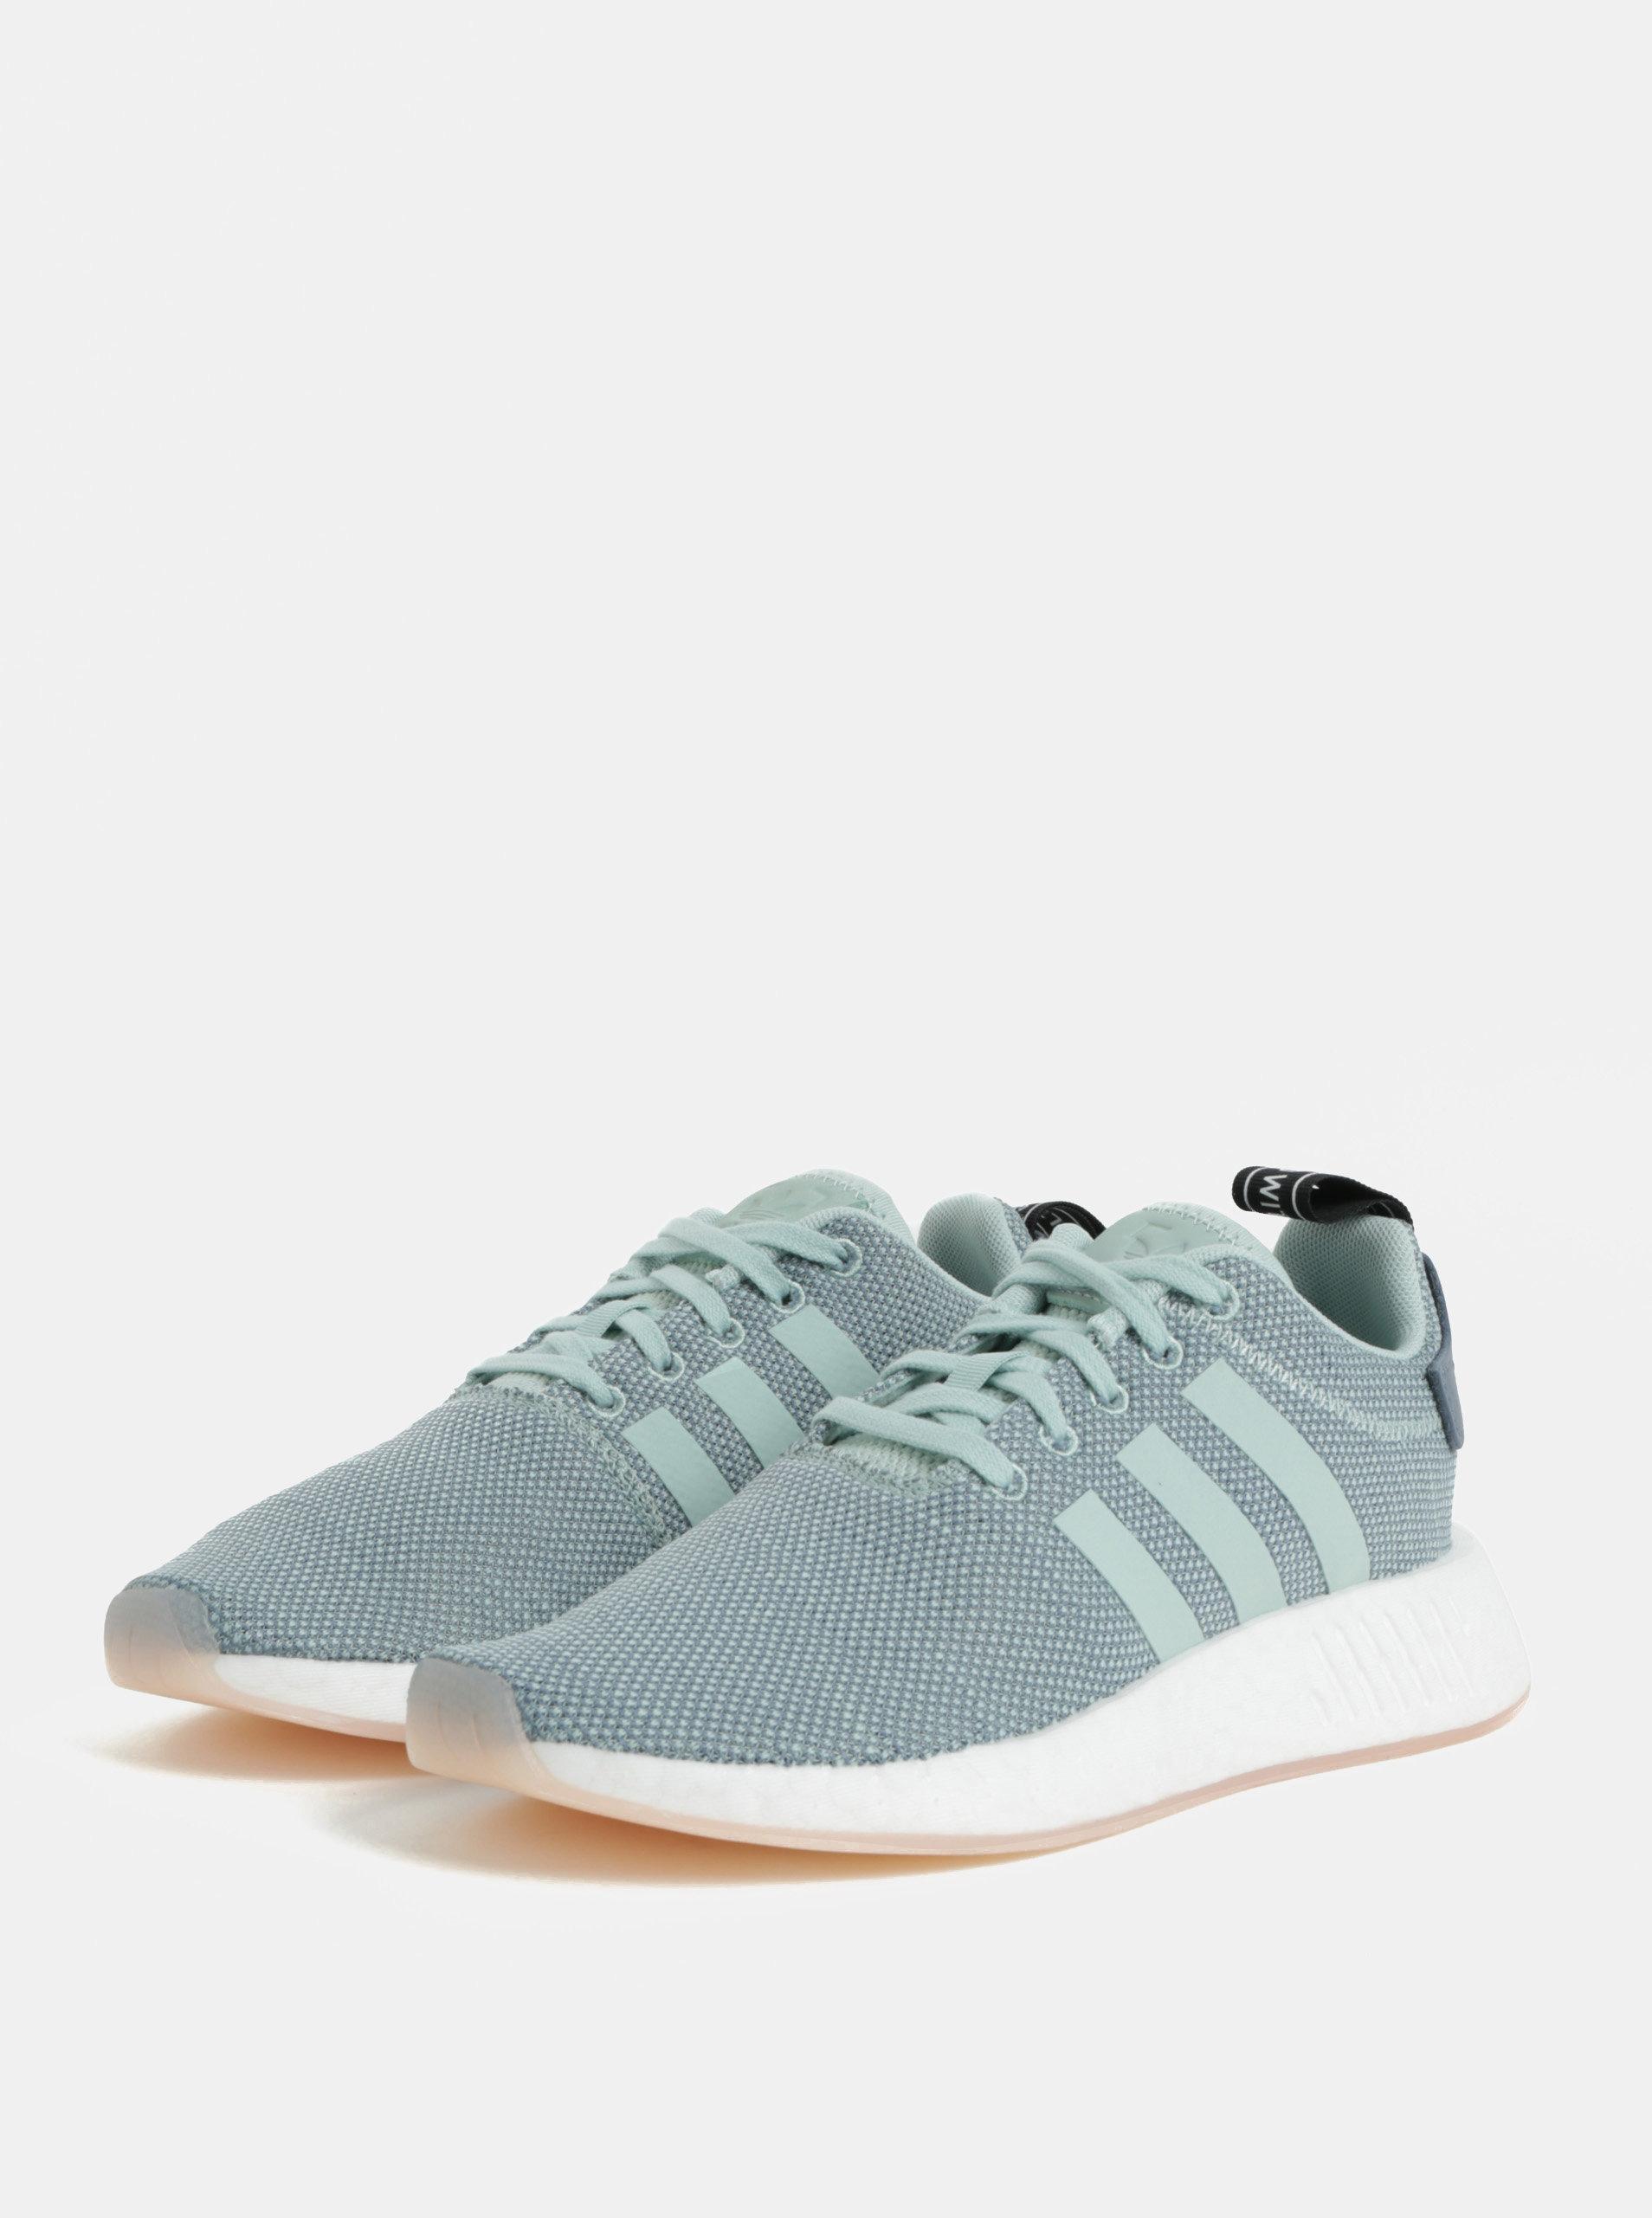 273e57064 Modré dámske tenisky adidas Originals | ZOOT.sk